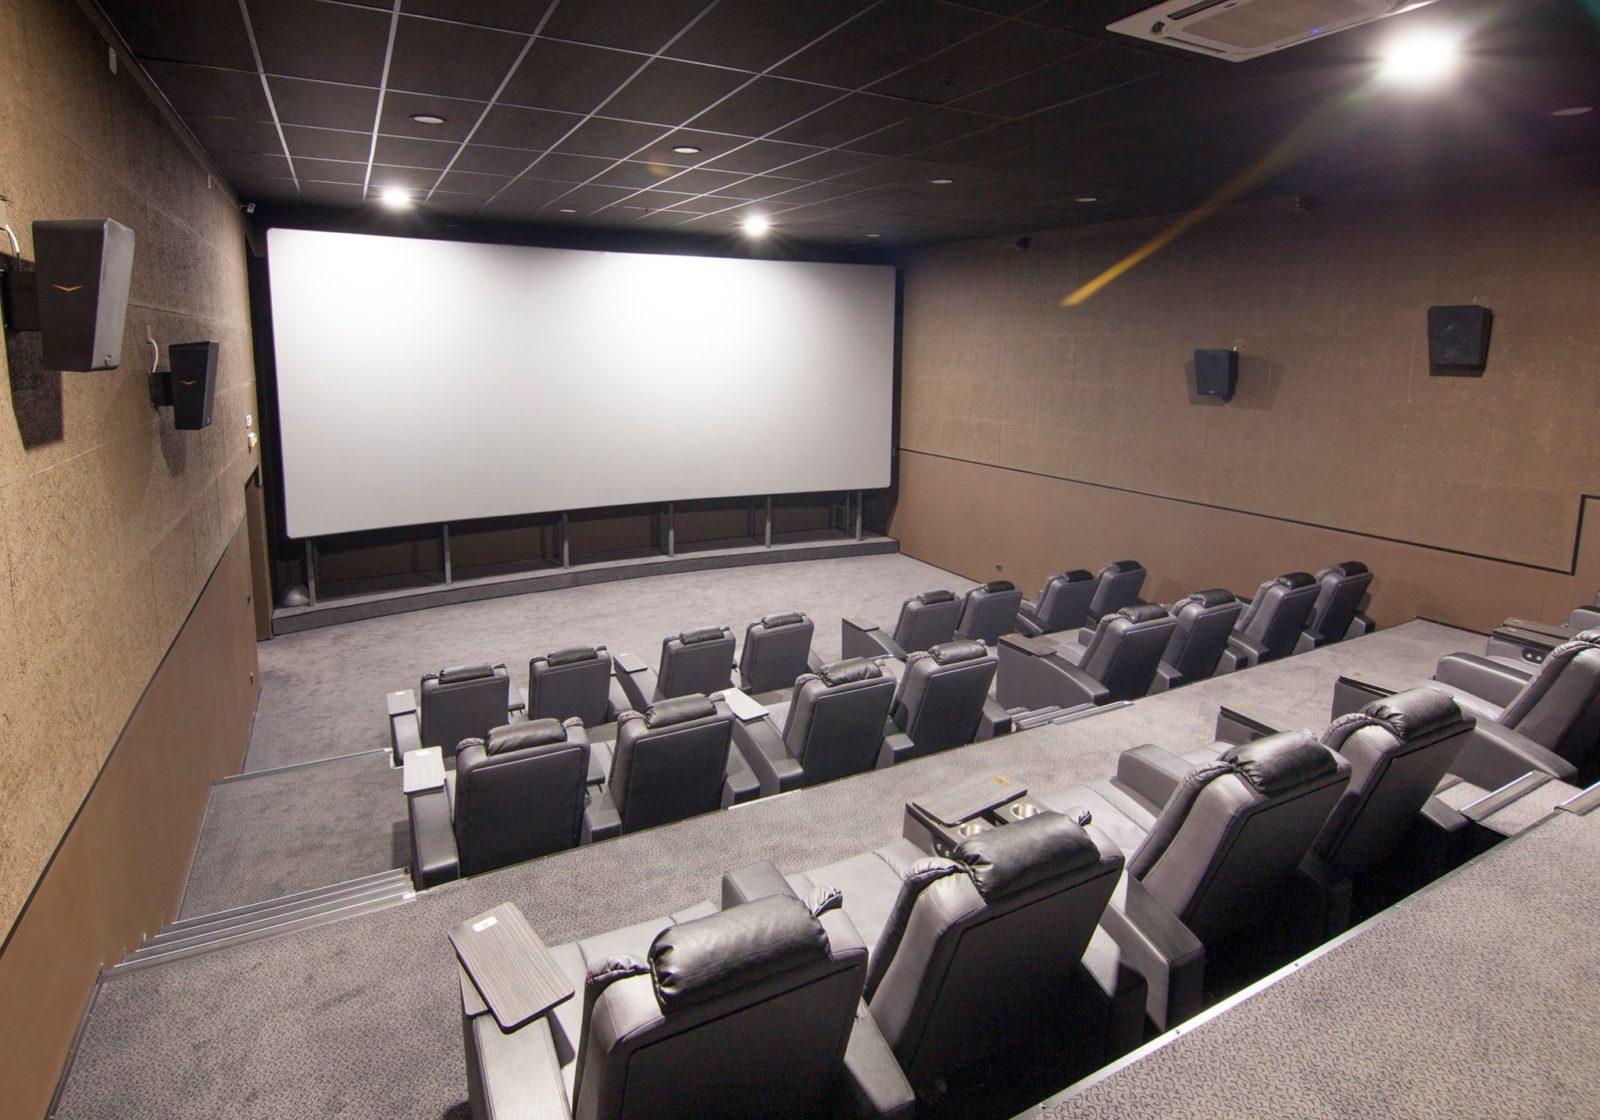 5 залов с лазерно-фосфорными кинопроекторами в Иркутске